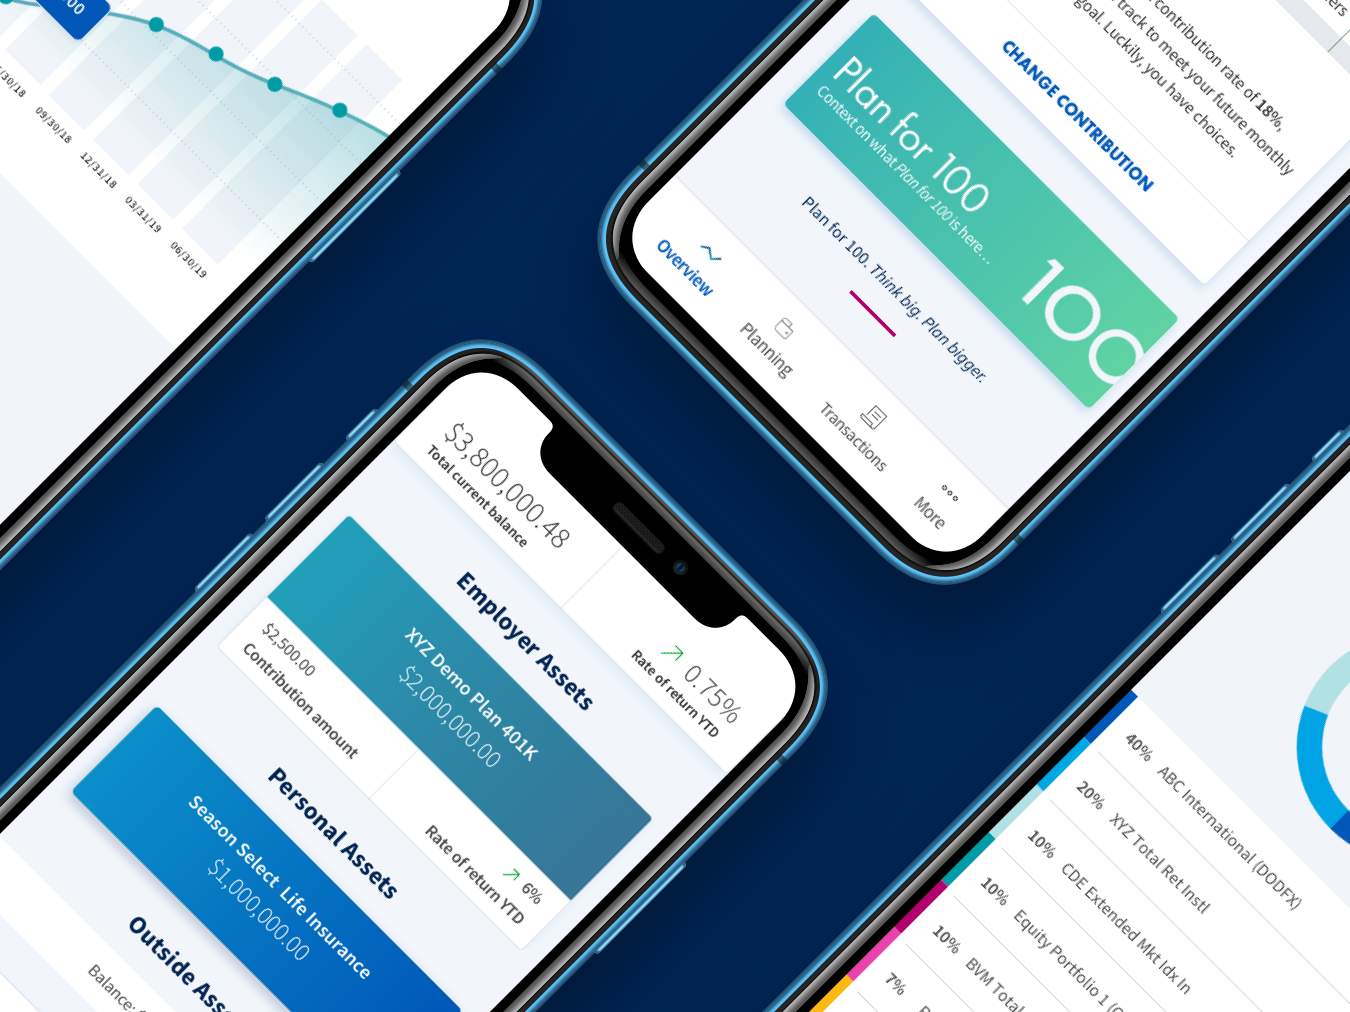 Mobile App Design for AIG Retirement Services ios app mobile app finance